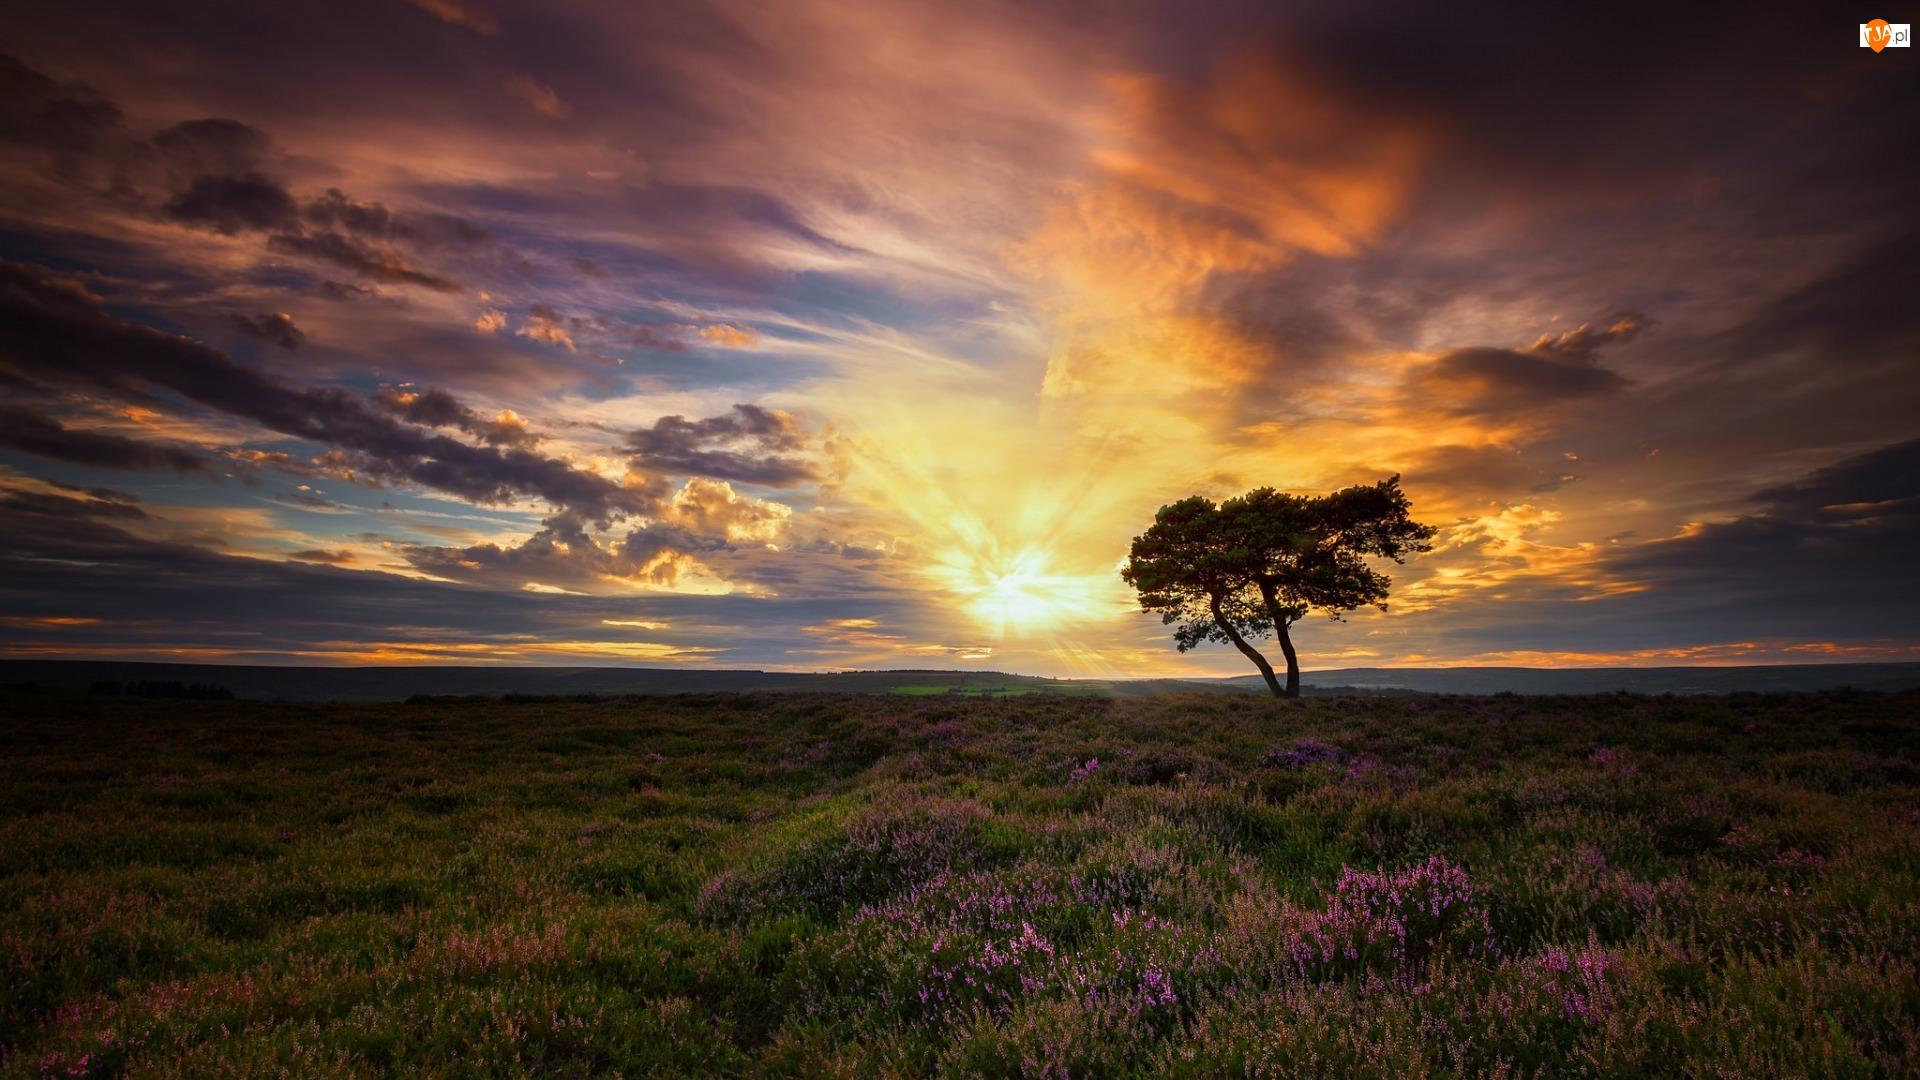 Zachód słońca, Wrzosowisko, Hrabstwo North Yorkshire, Anglia, Chmury, Egton, Drzewo